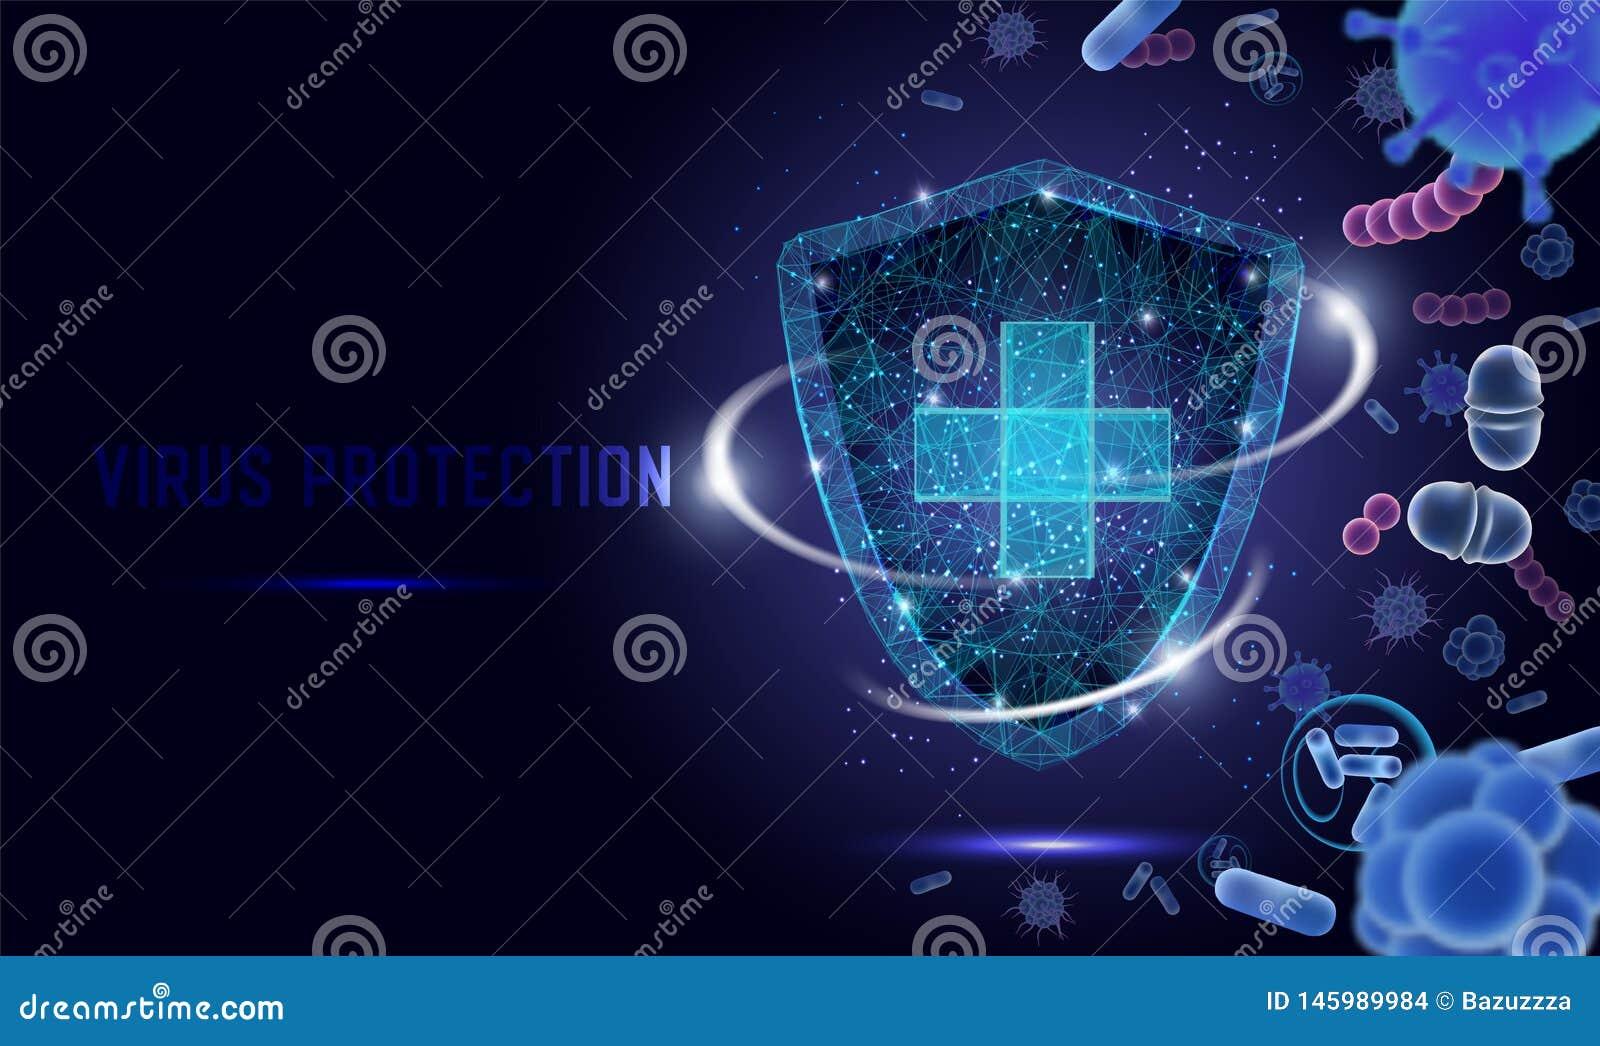 Bandeira da Web do vetor da proteção do vírus, molde da página do Web site